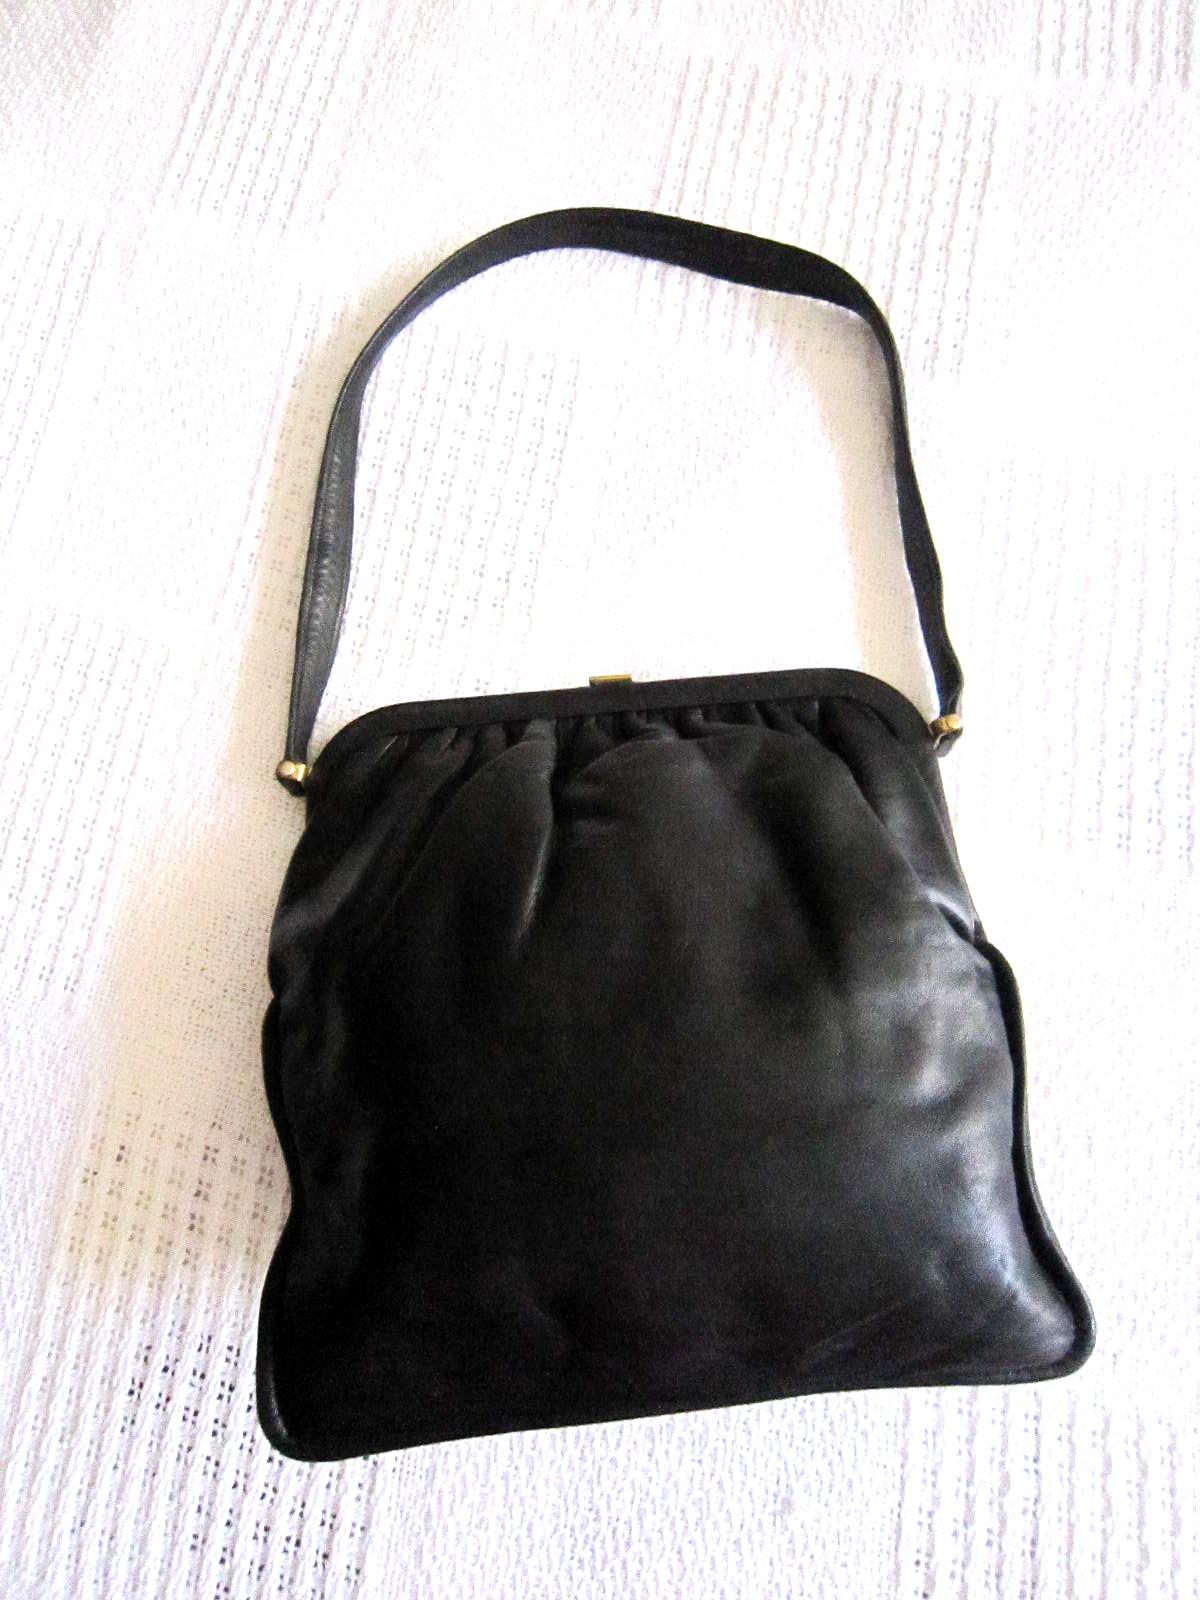 Vintage Black Leather Kiss-lock Shoulder Bag